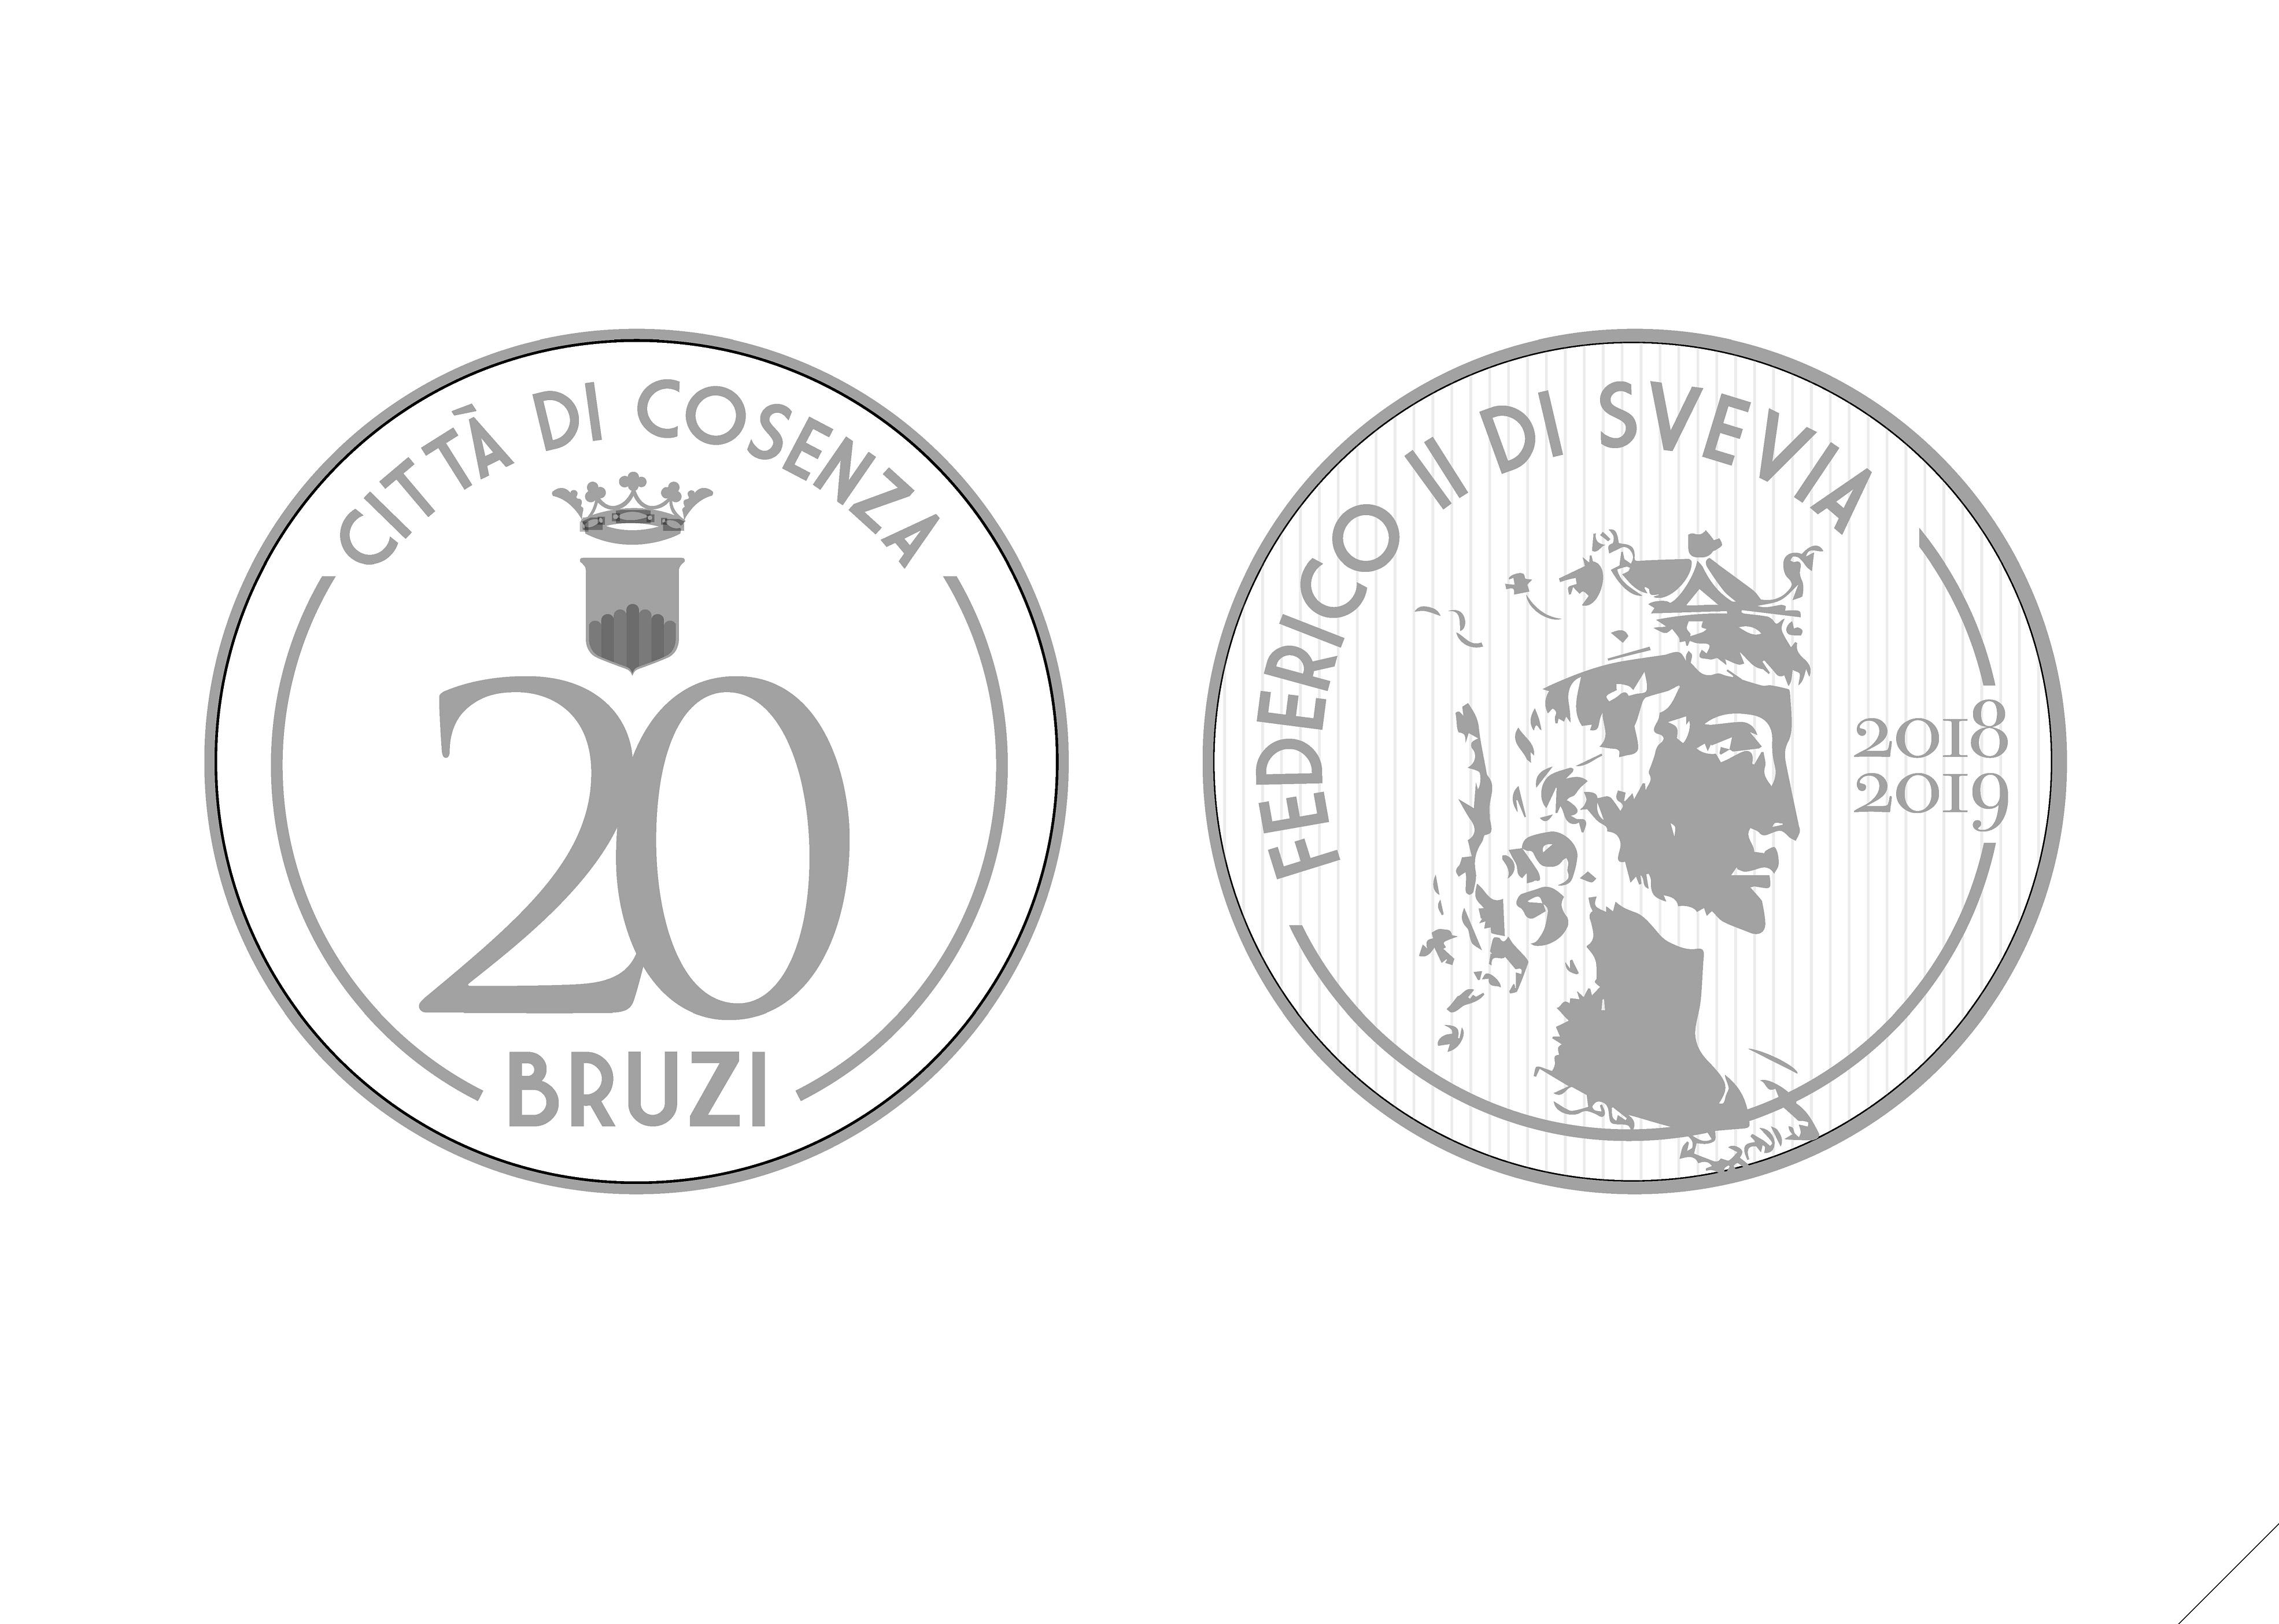 """Il comune di Cosenza conia la """"sua"""" moneta  Ecco i Bruzi: grandi come 2 euro ne valgono 20 euro"""